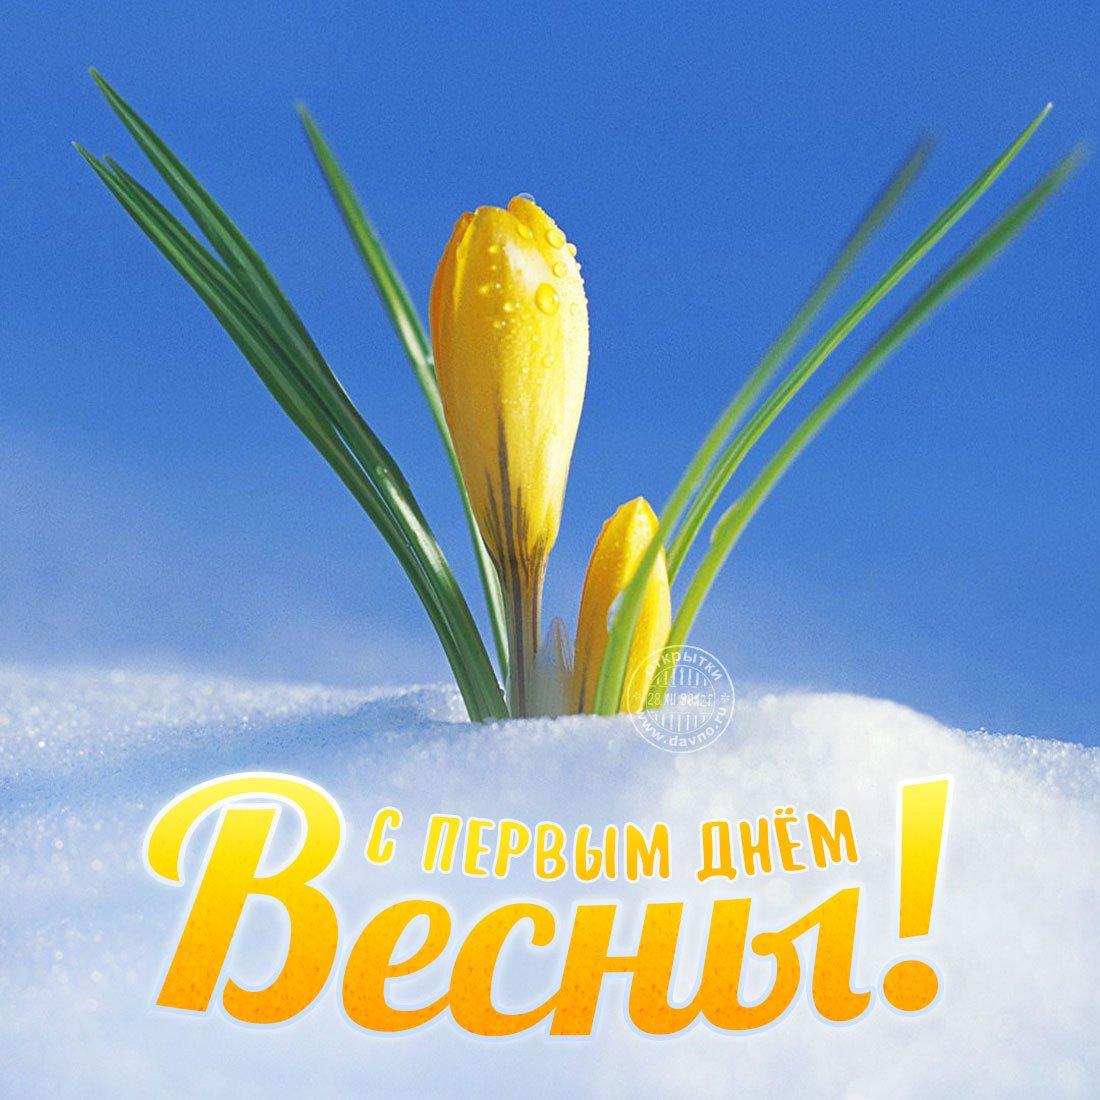 Красивые открытки 1 марта, для дорогого человека